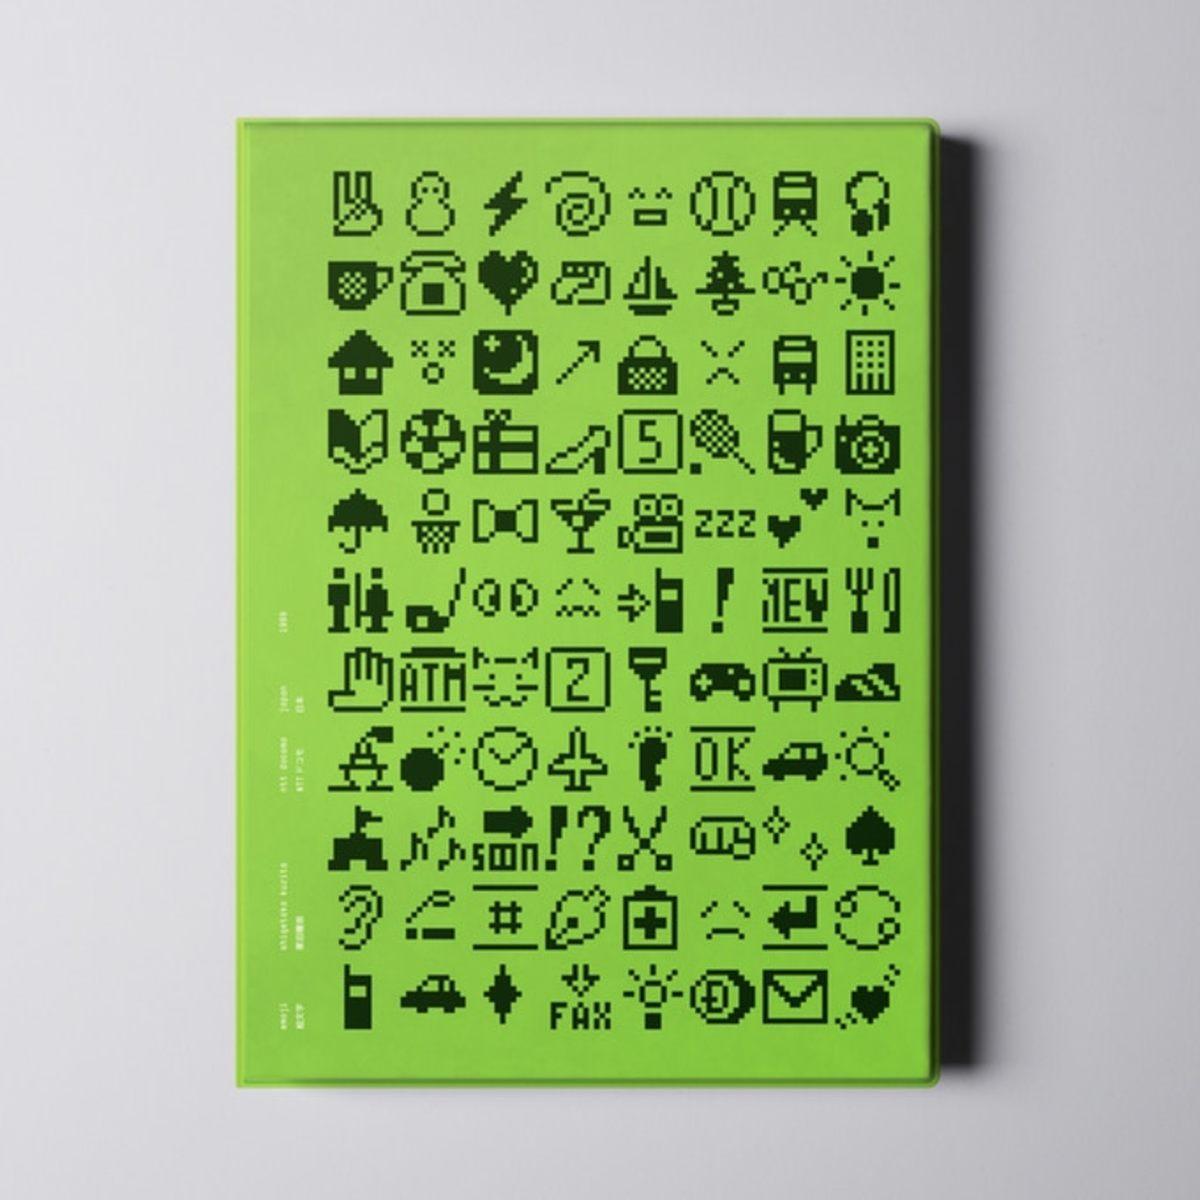 Emoji: Designed by Shigetaka Kurita